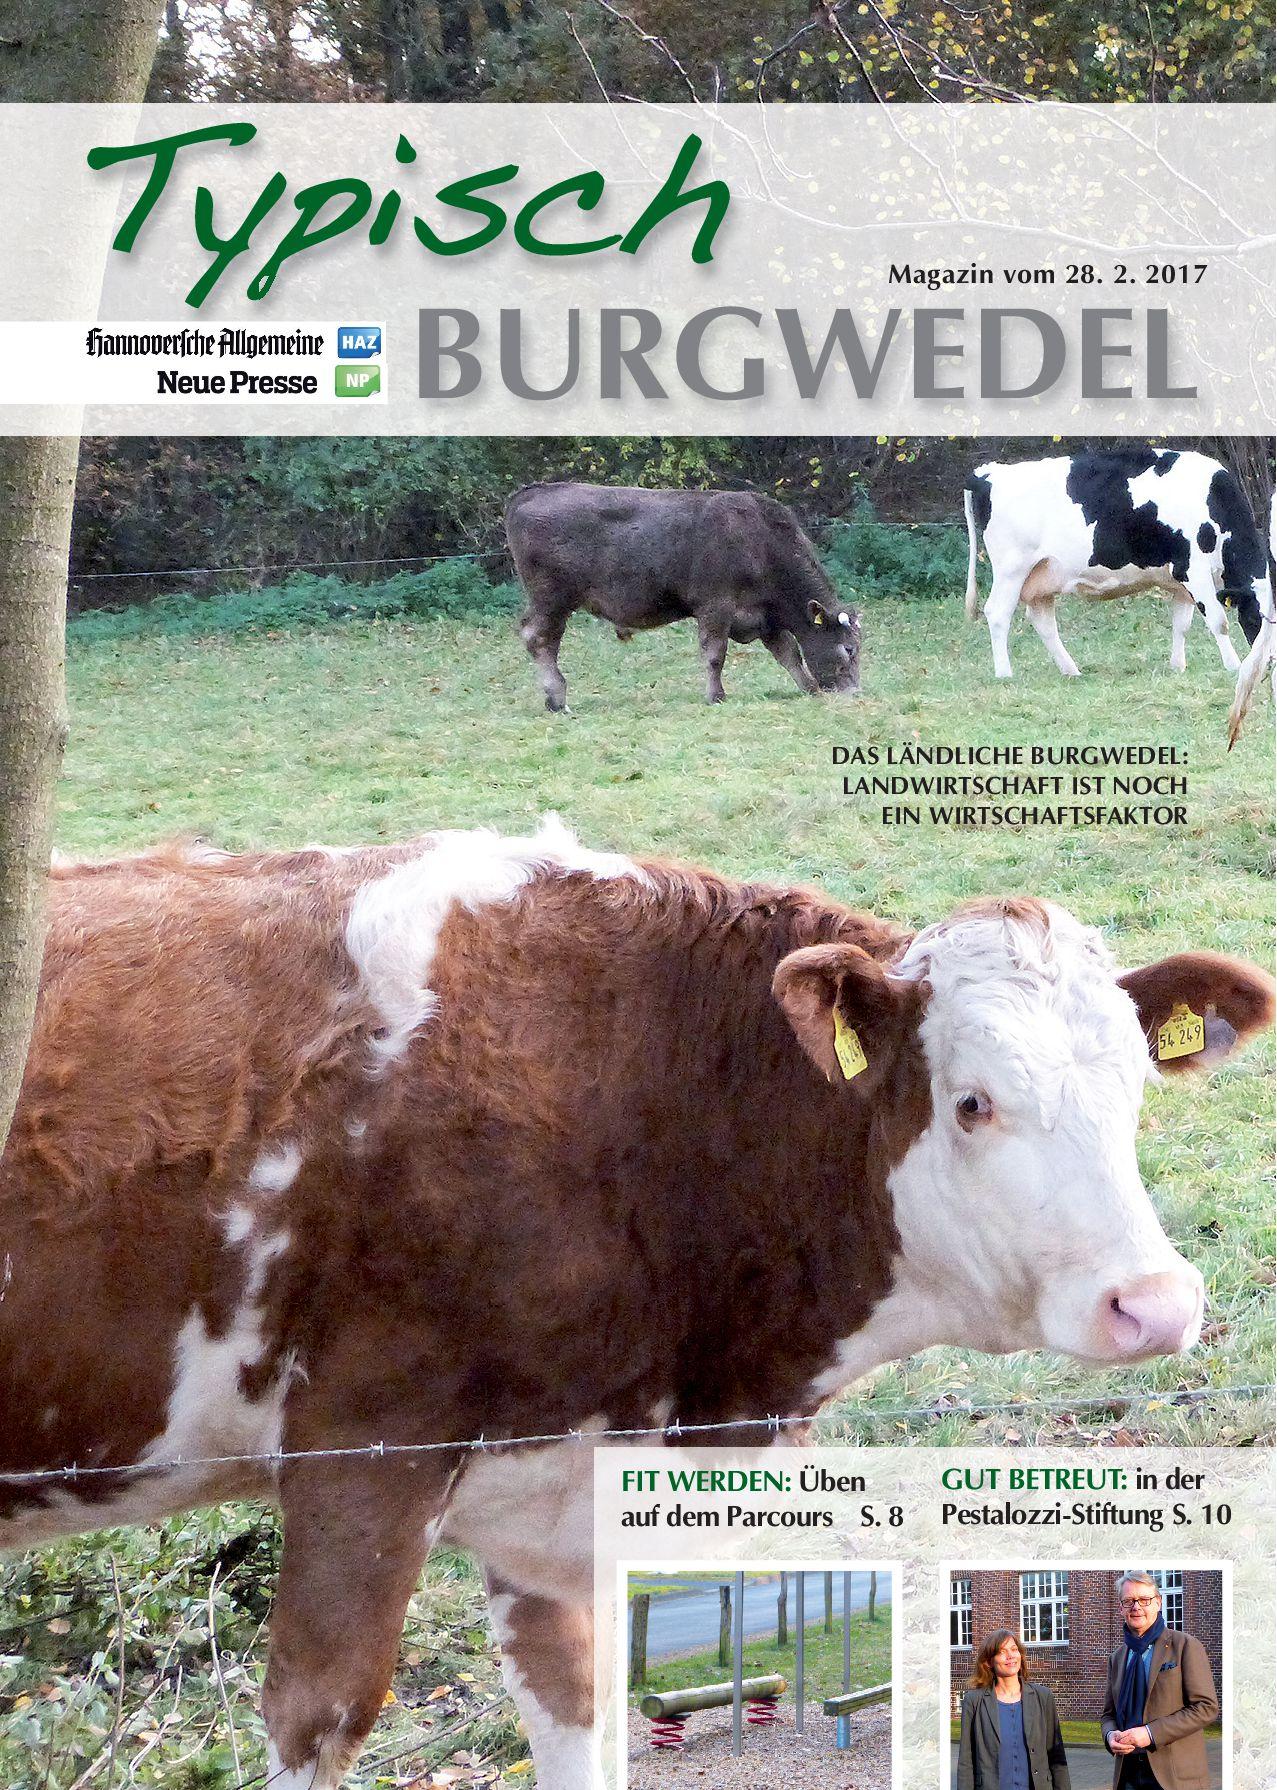 burgwedel-nr-7-vom-28-02-2017